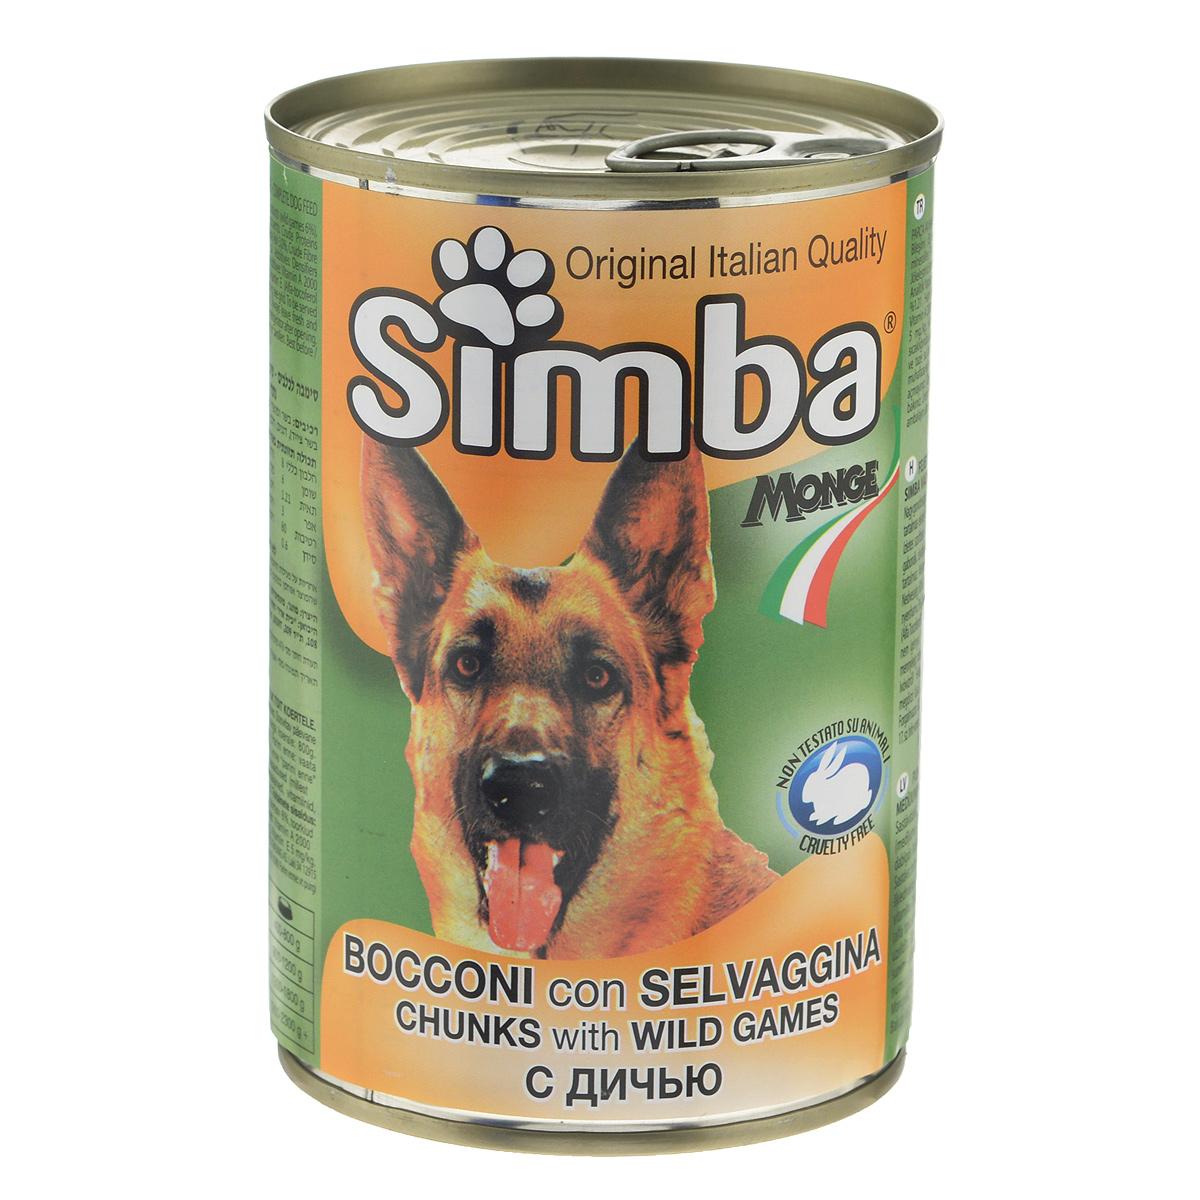 Консервы для собак Monge Simba, кусочки с дичью, 415 г минеральные добавки серии северянка в москве